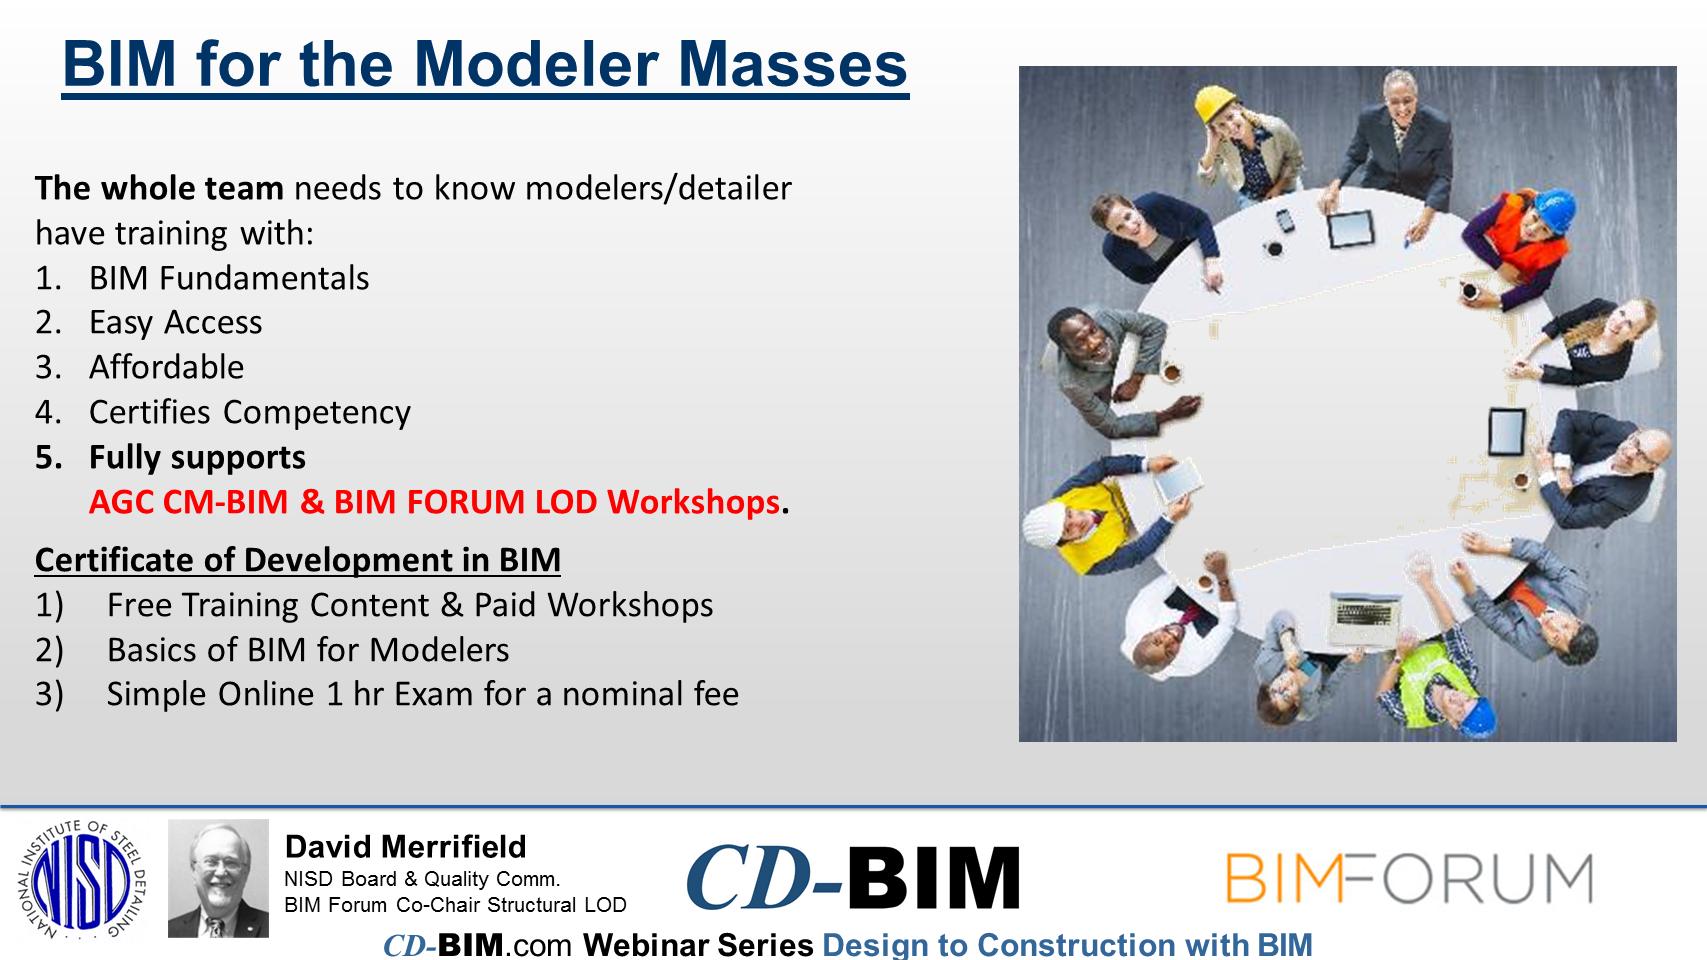 CD-BIM – Certificate of Development in BIM